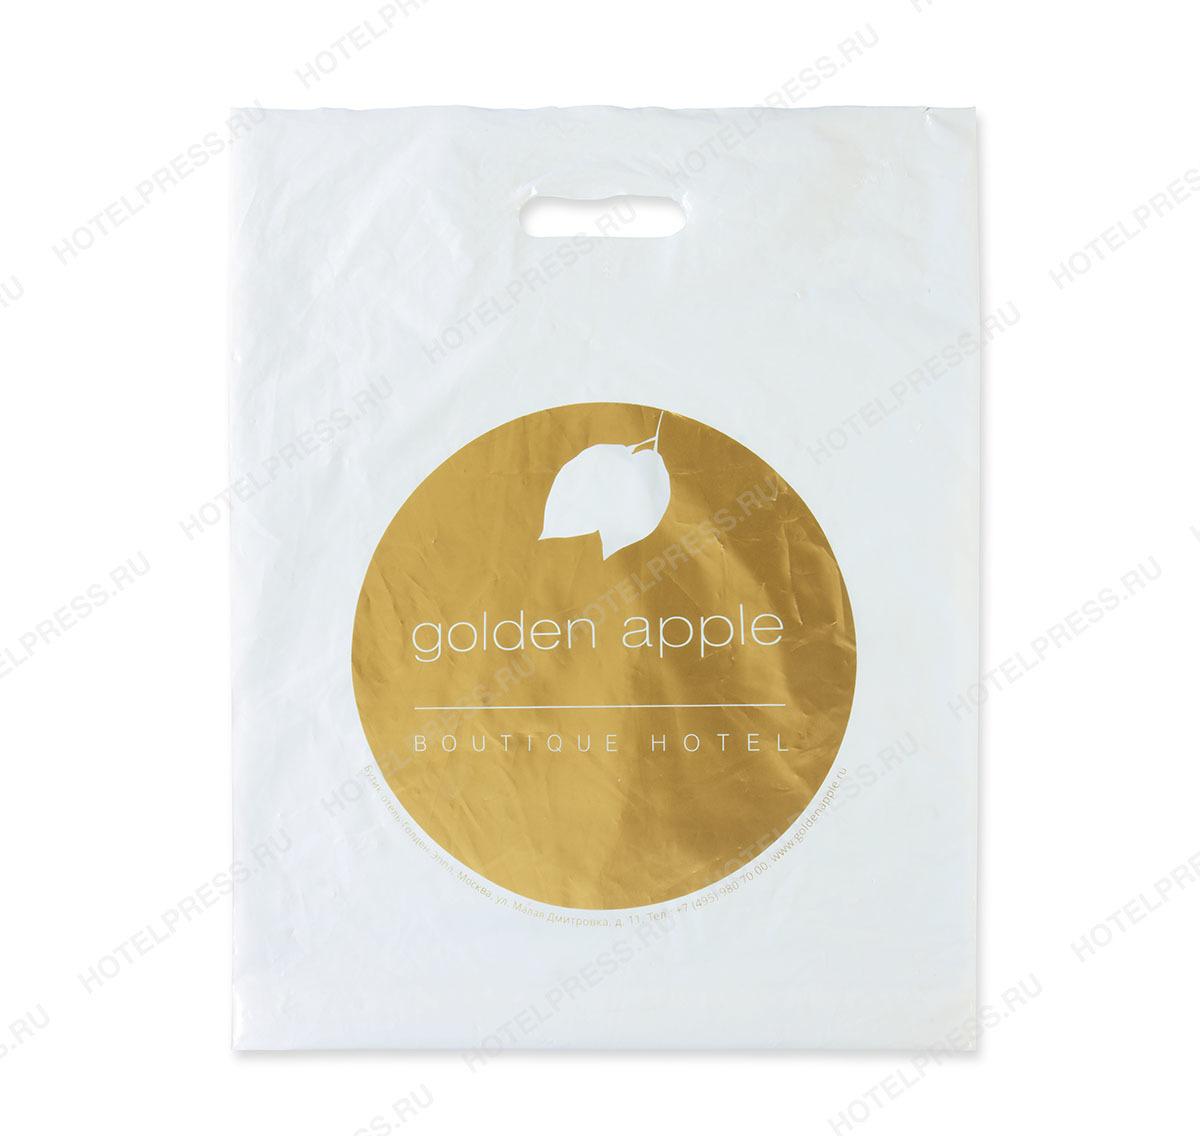 """Пластиковый пакет бутик отеля """"Golden apple"""""""